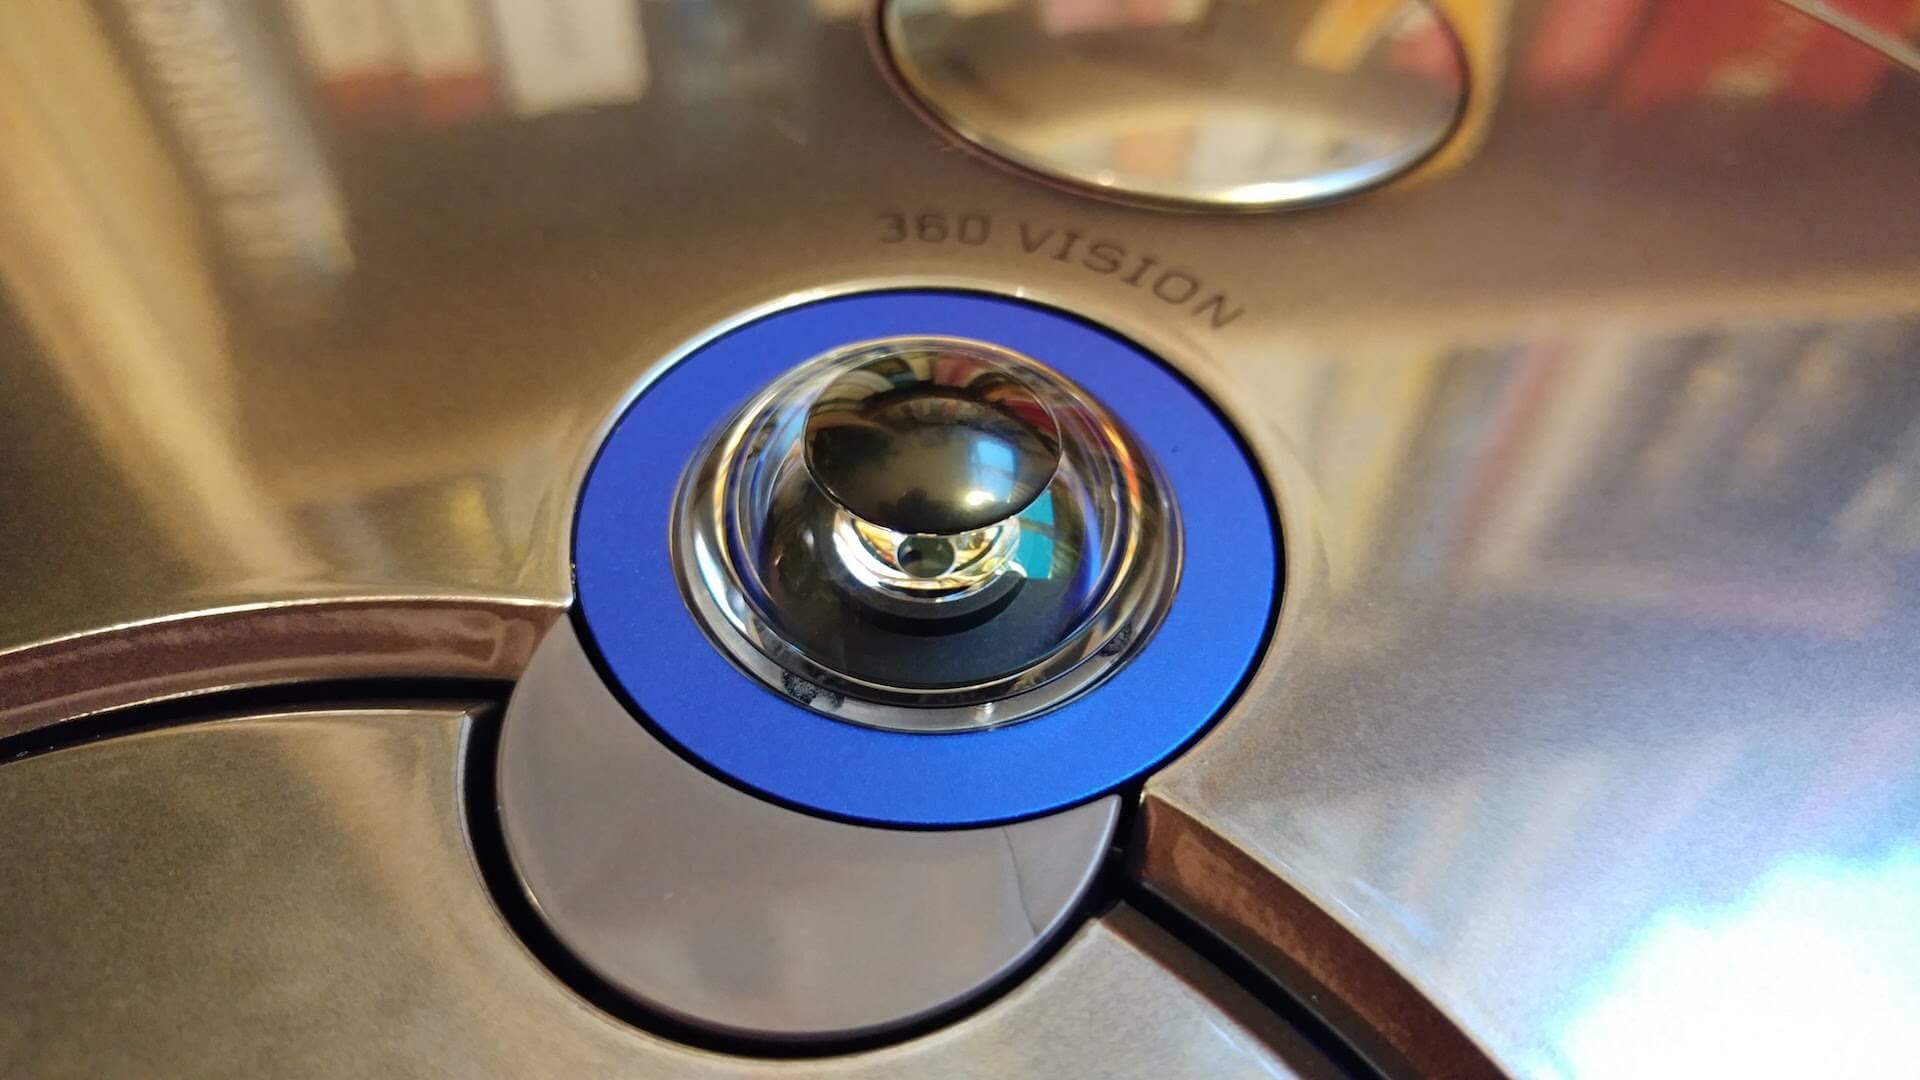 360-градусная камера